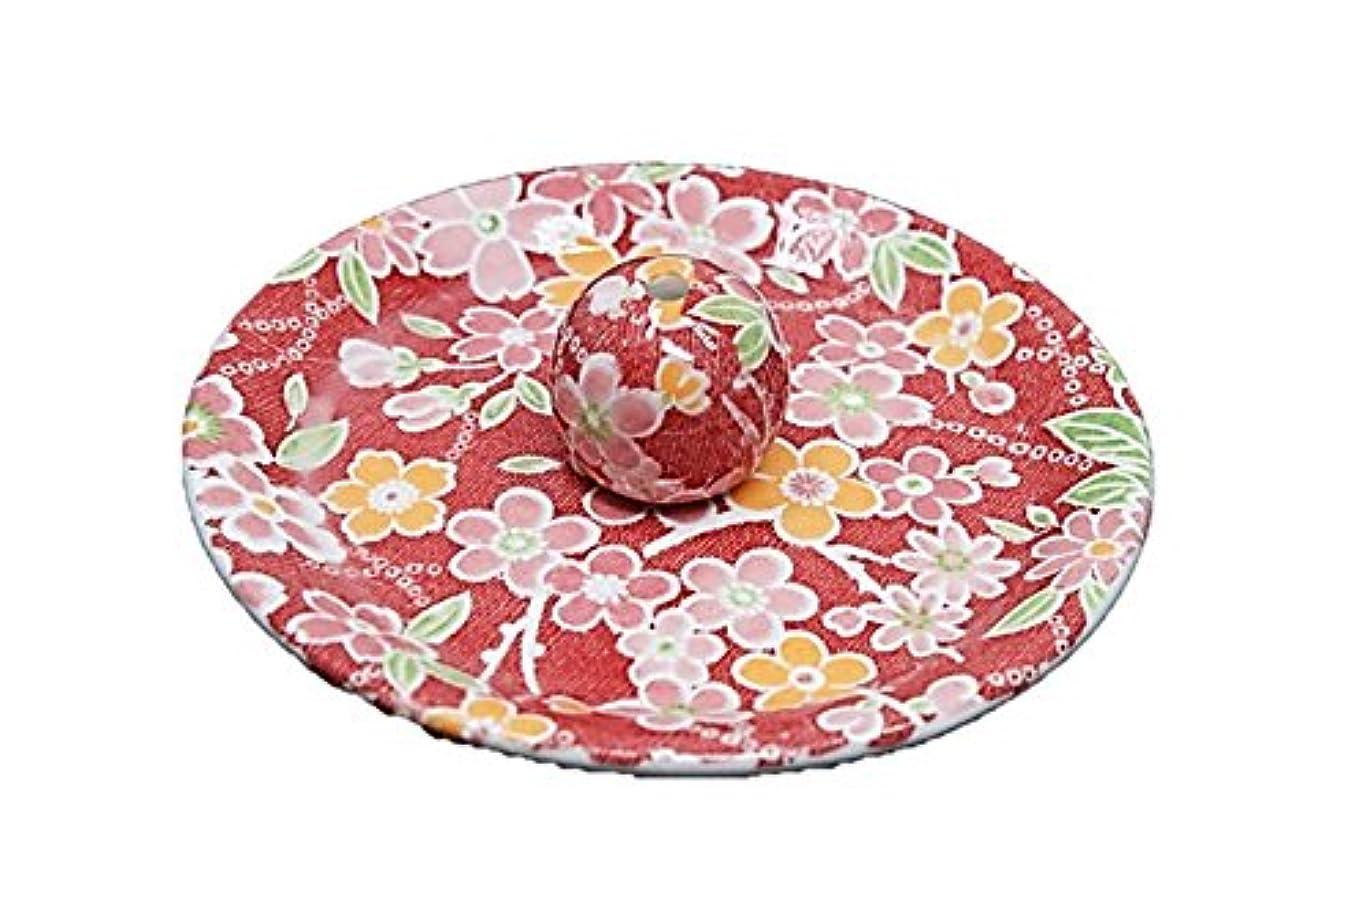 ネットひどい結婚した9-24 都友禅 9cm香皿 お香立て お香たて 陶器 日本製 製造?直売品